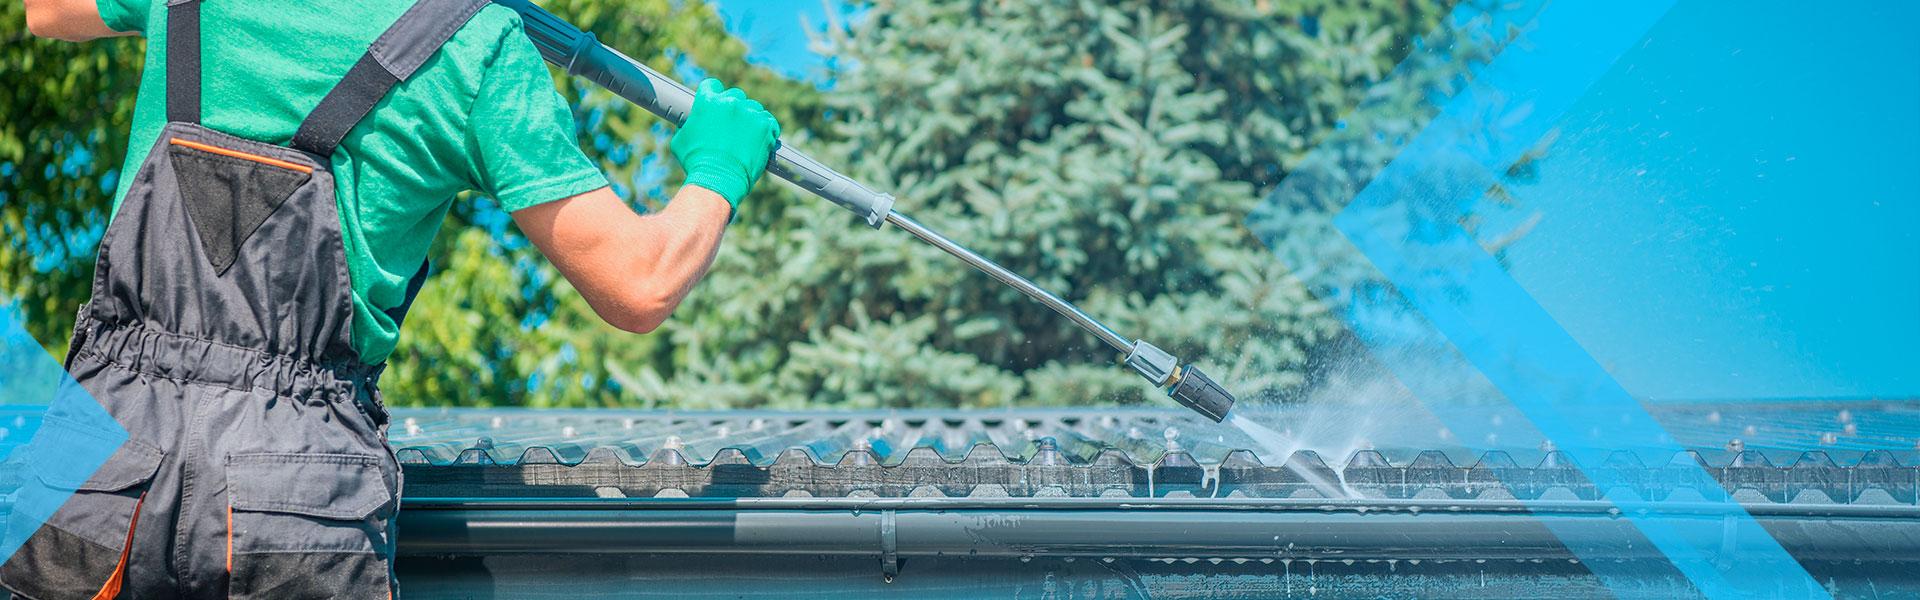 Servicio de Limpieza Industrial y Comercial